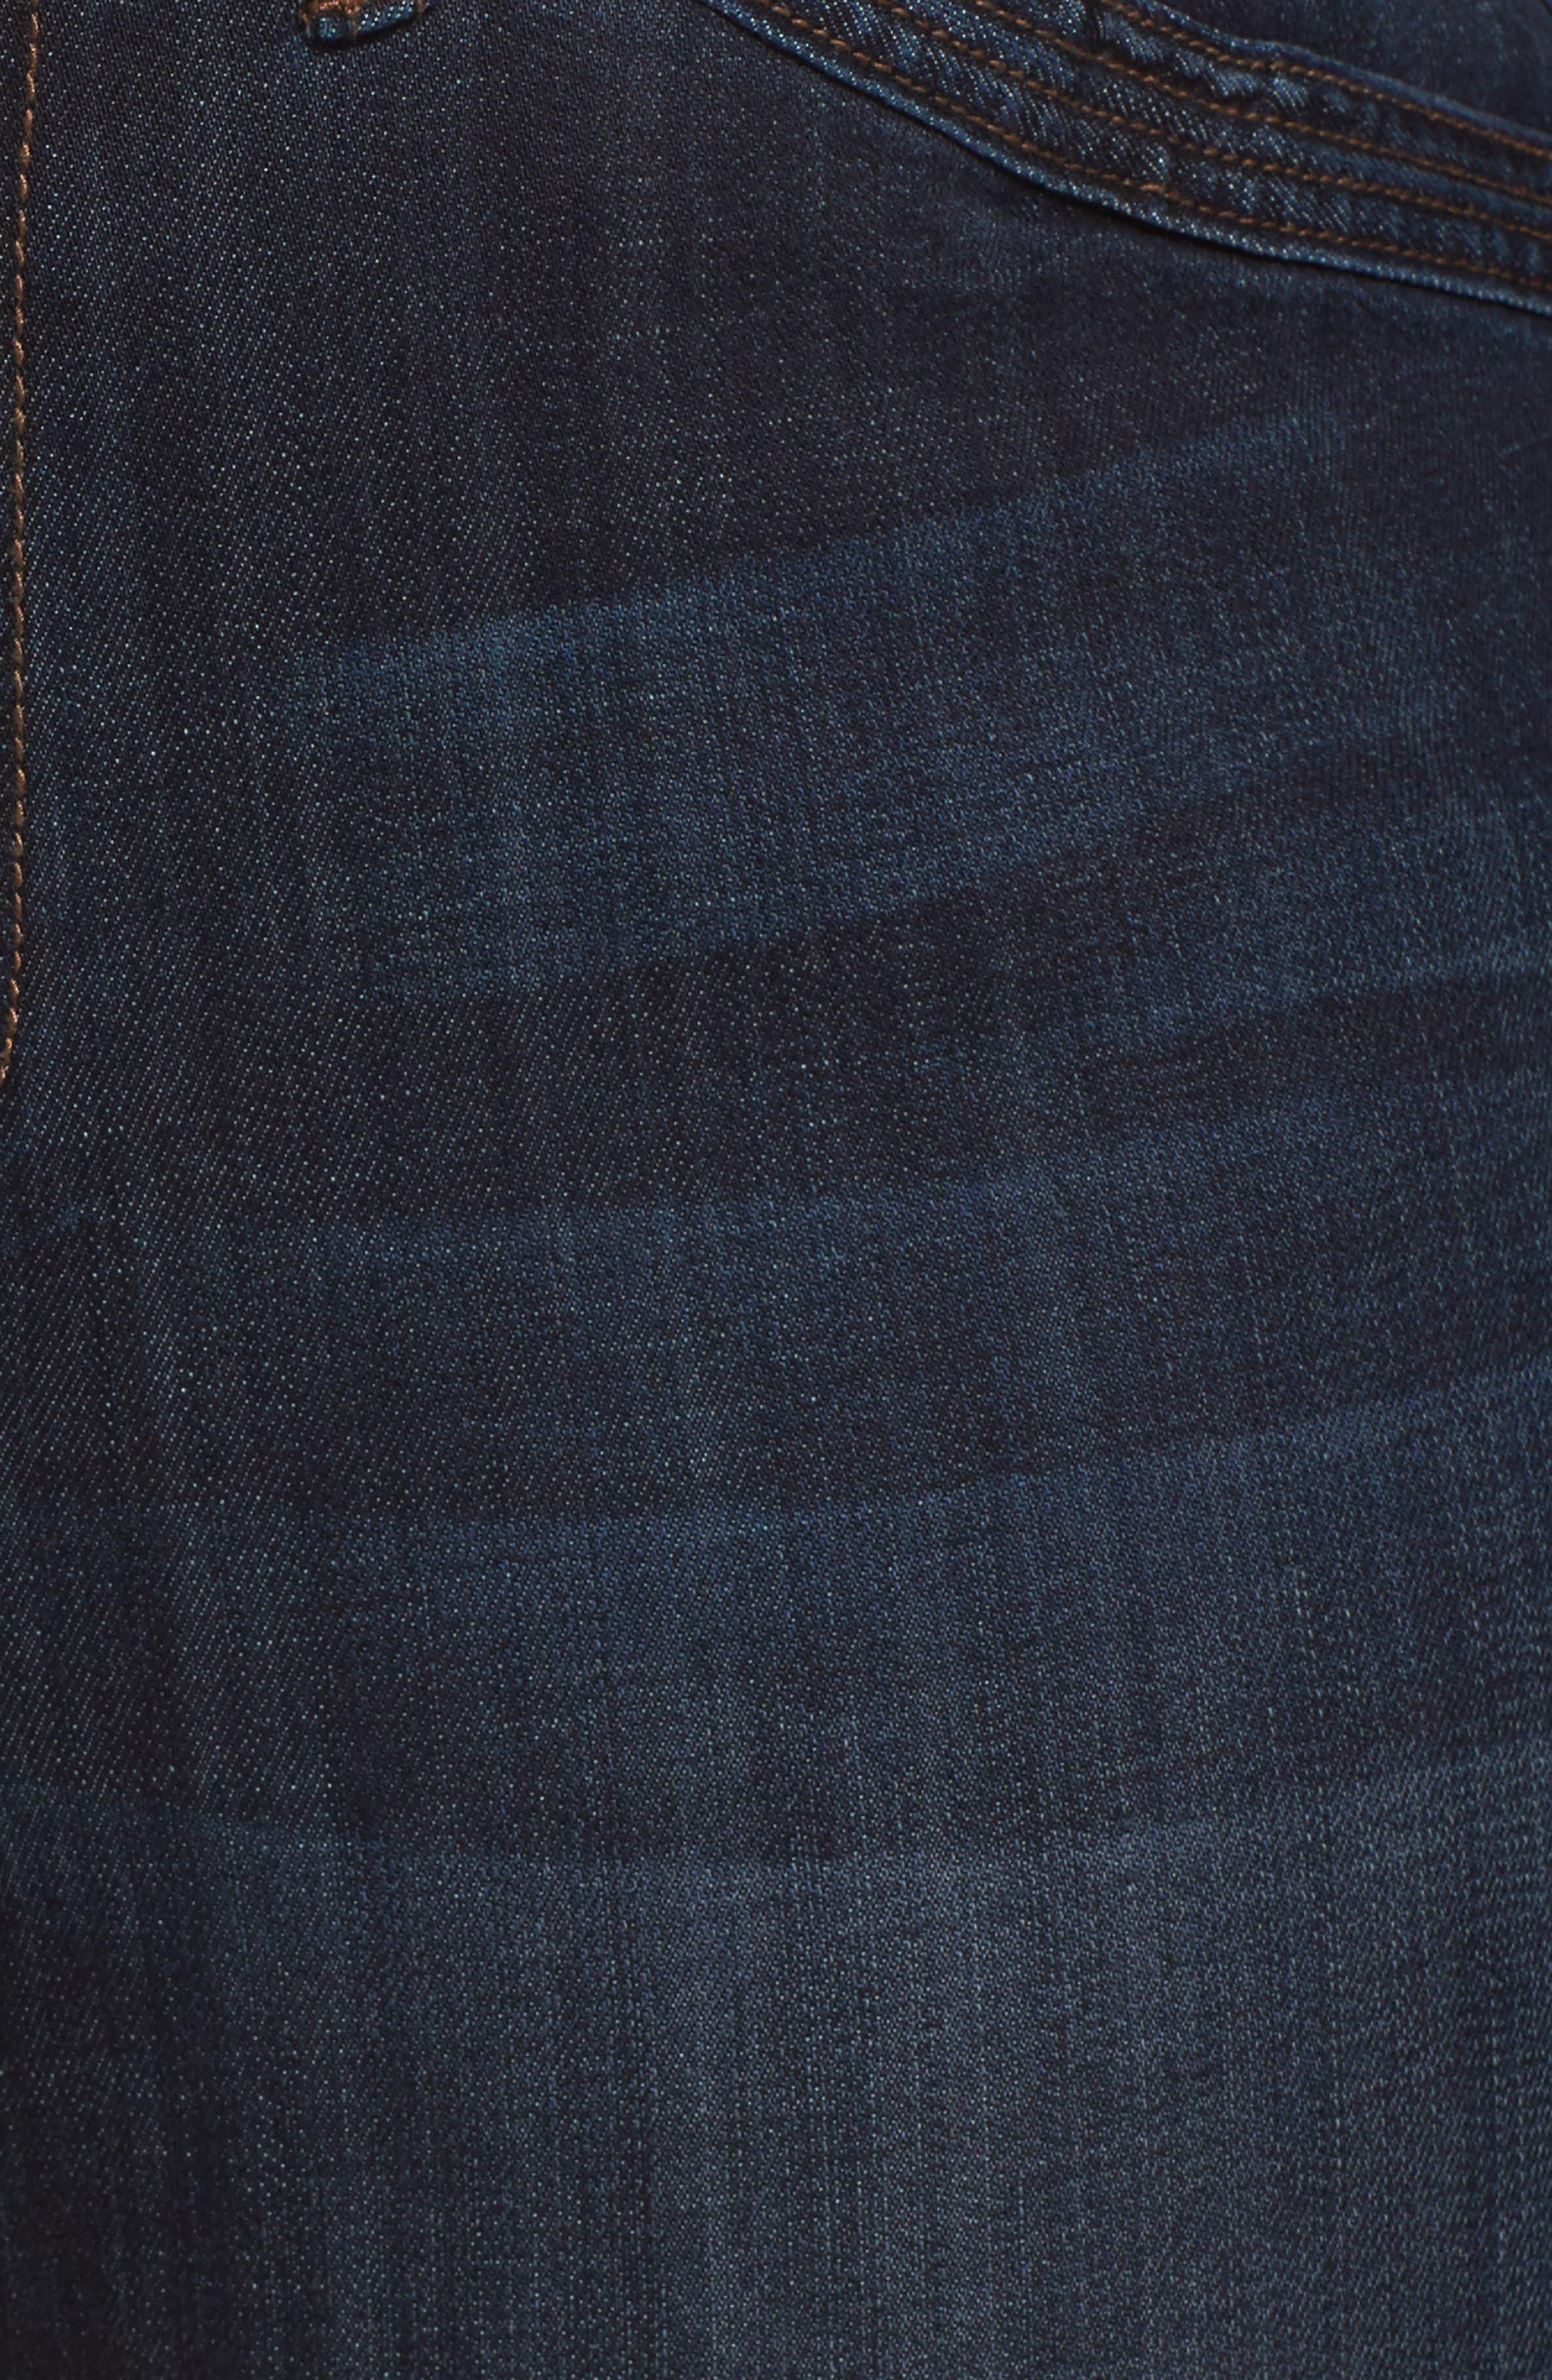 Wide Leg Crop Jeans,                             Alternate thumbnail 9, color,